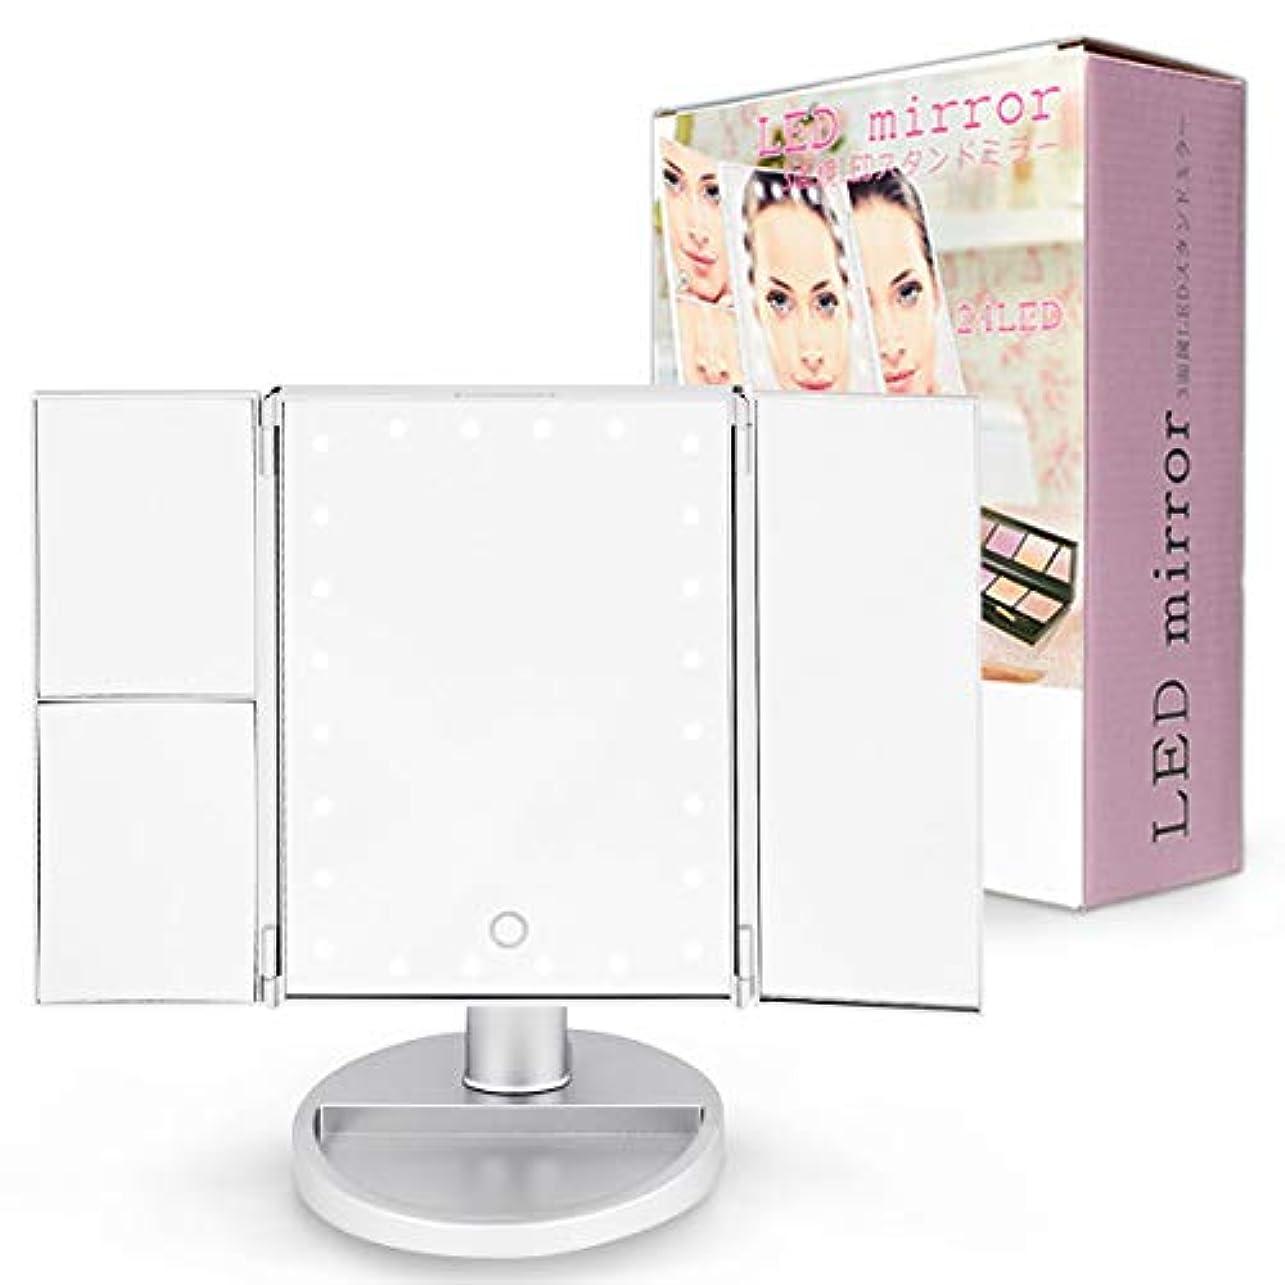 記念品アーク余分なZAZ LEDミラー 3面鏡 24LED 女優ミラー 三面鏡 2倍鏡 3倍鏡 10倍鏡 USBケーブル付属 角度調整可能 カラー:シルバー